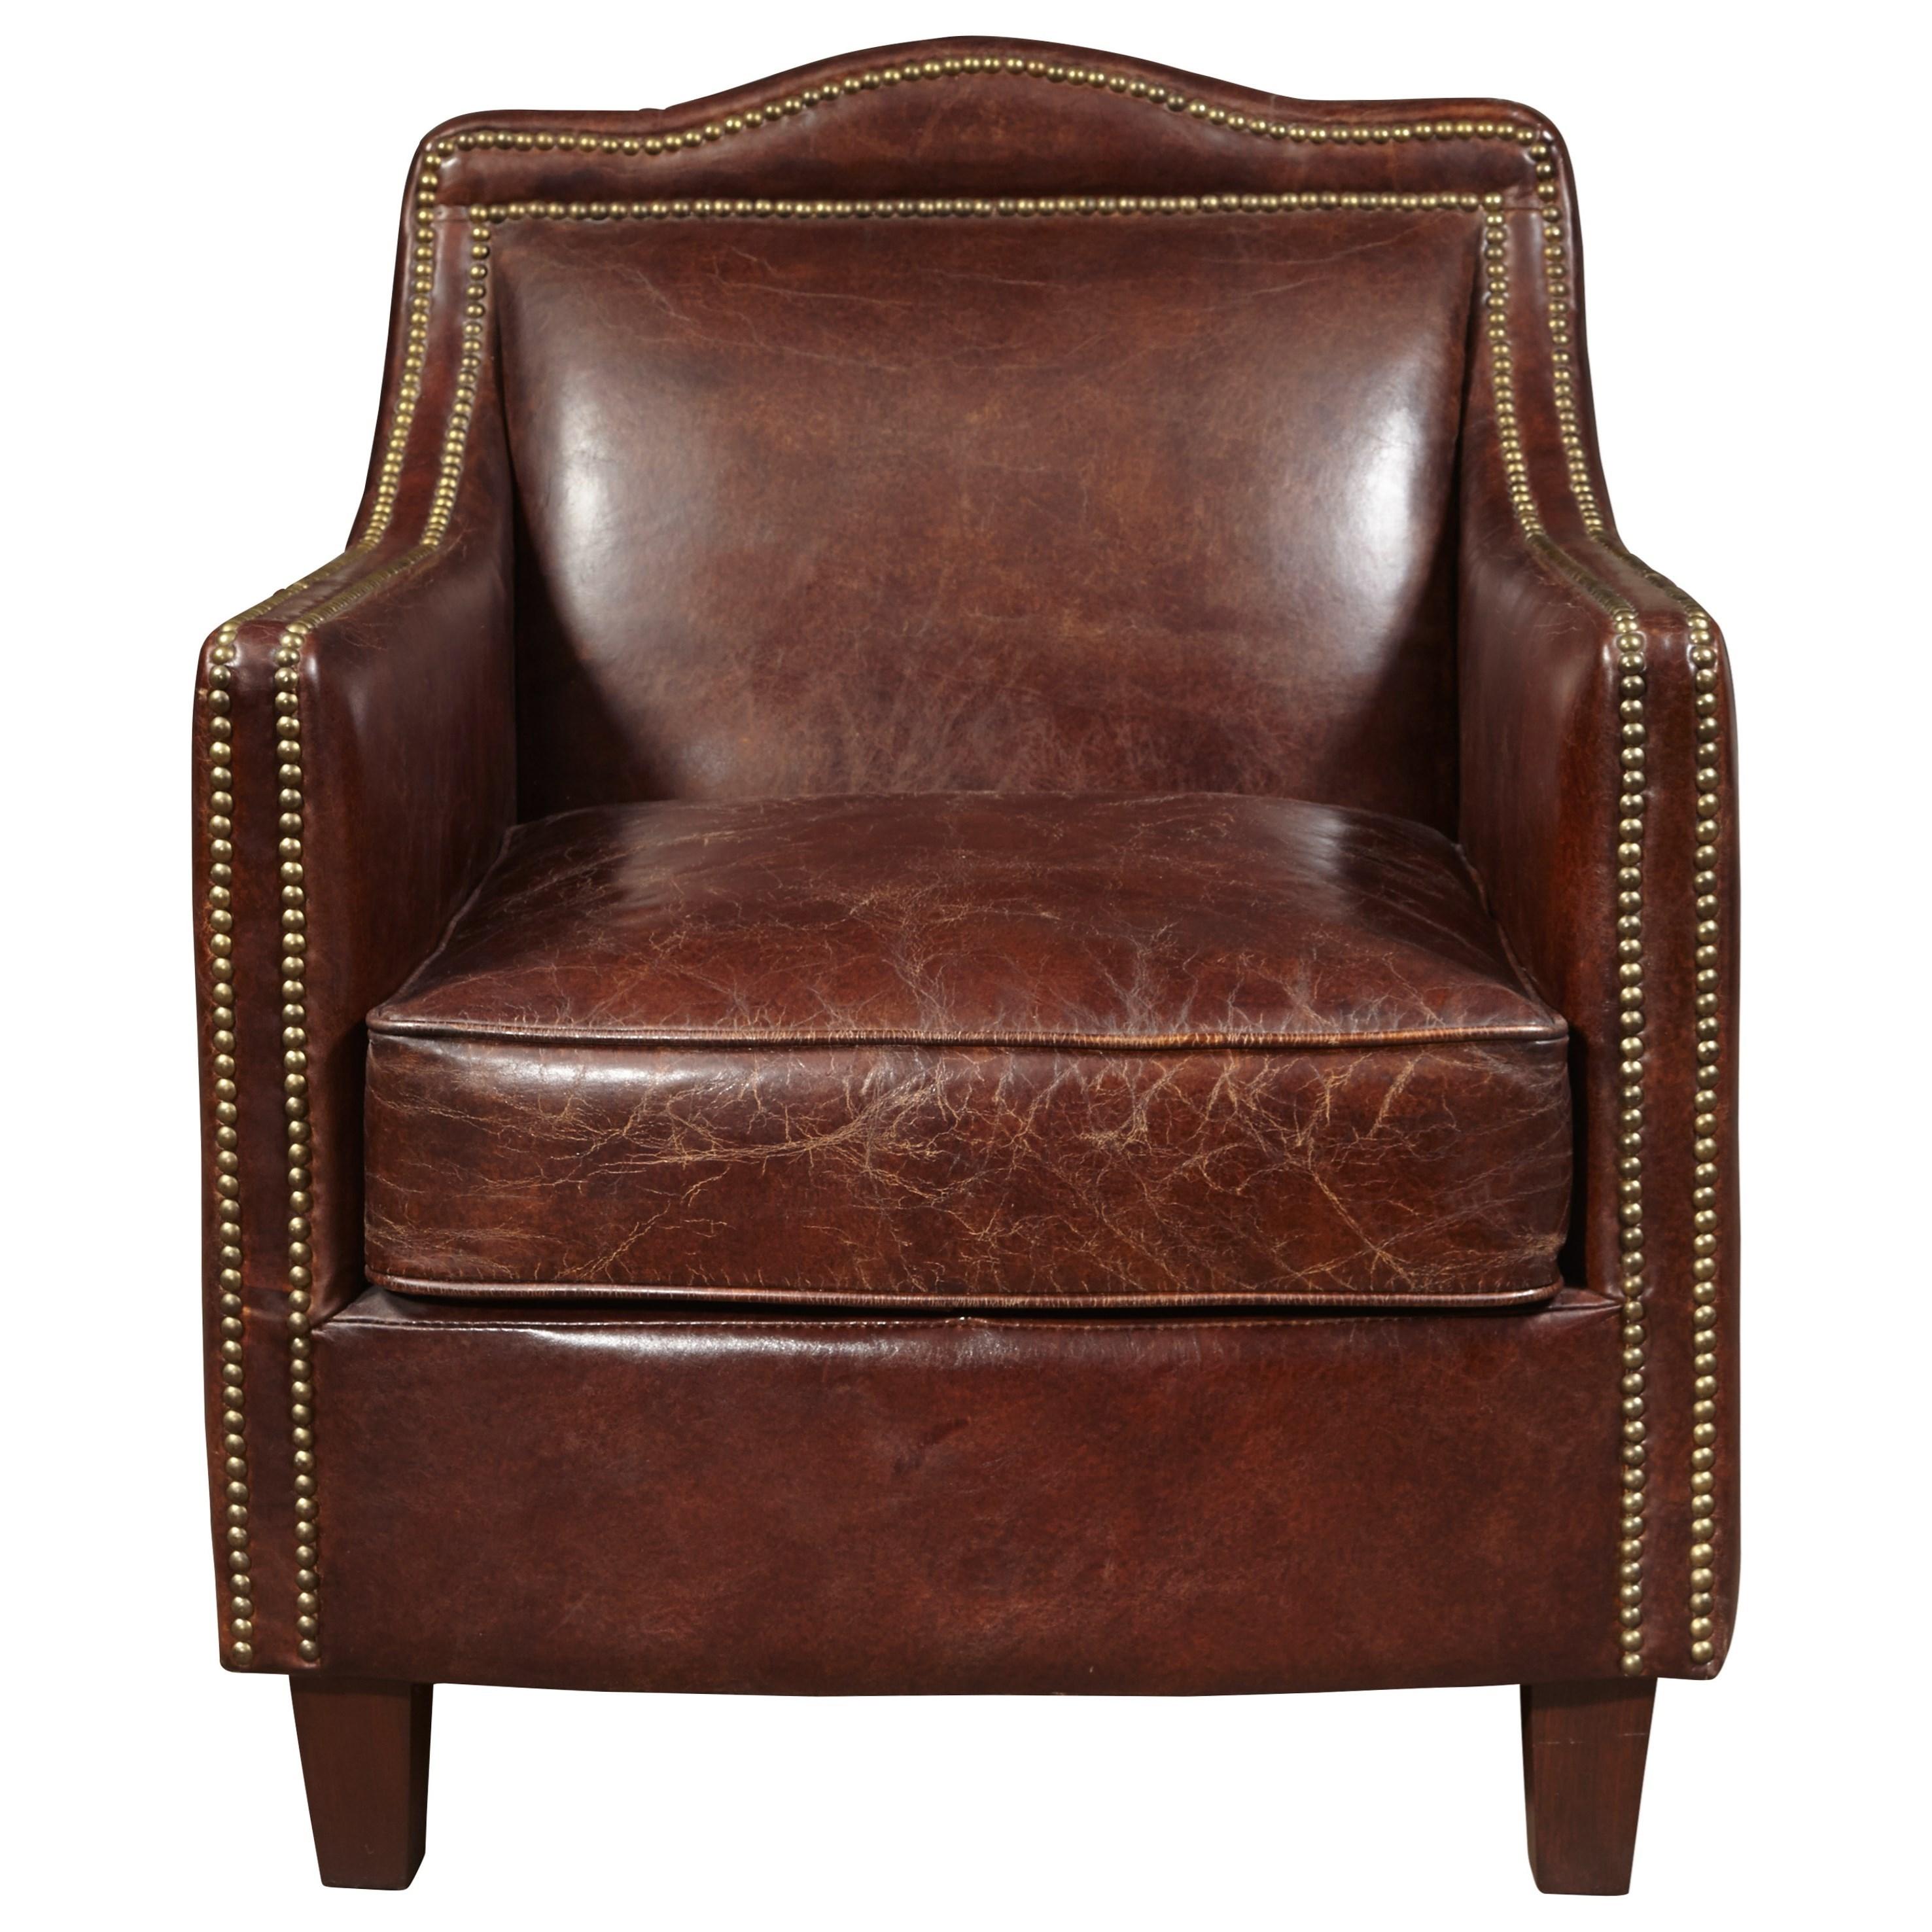 Pulaski Furniture Accent Chairs Danielle Arm Chair ...